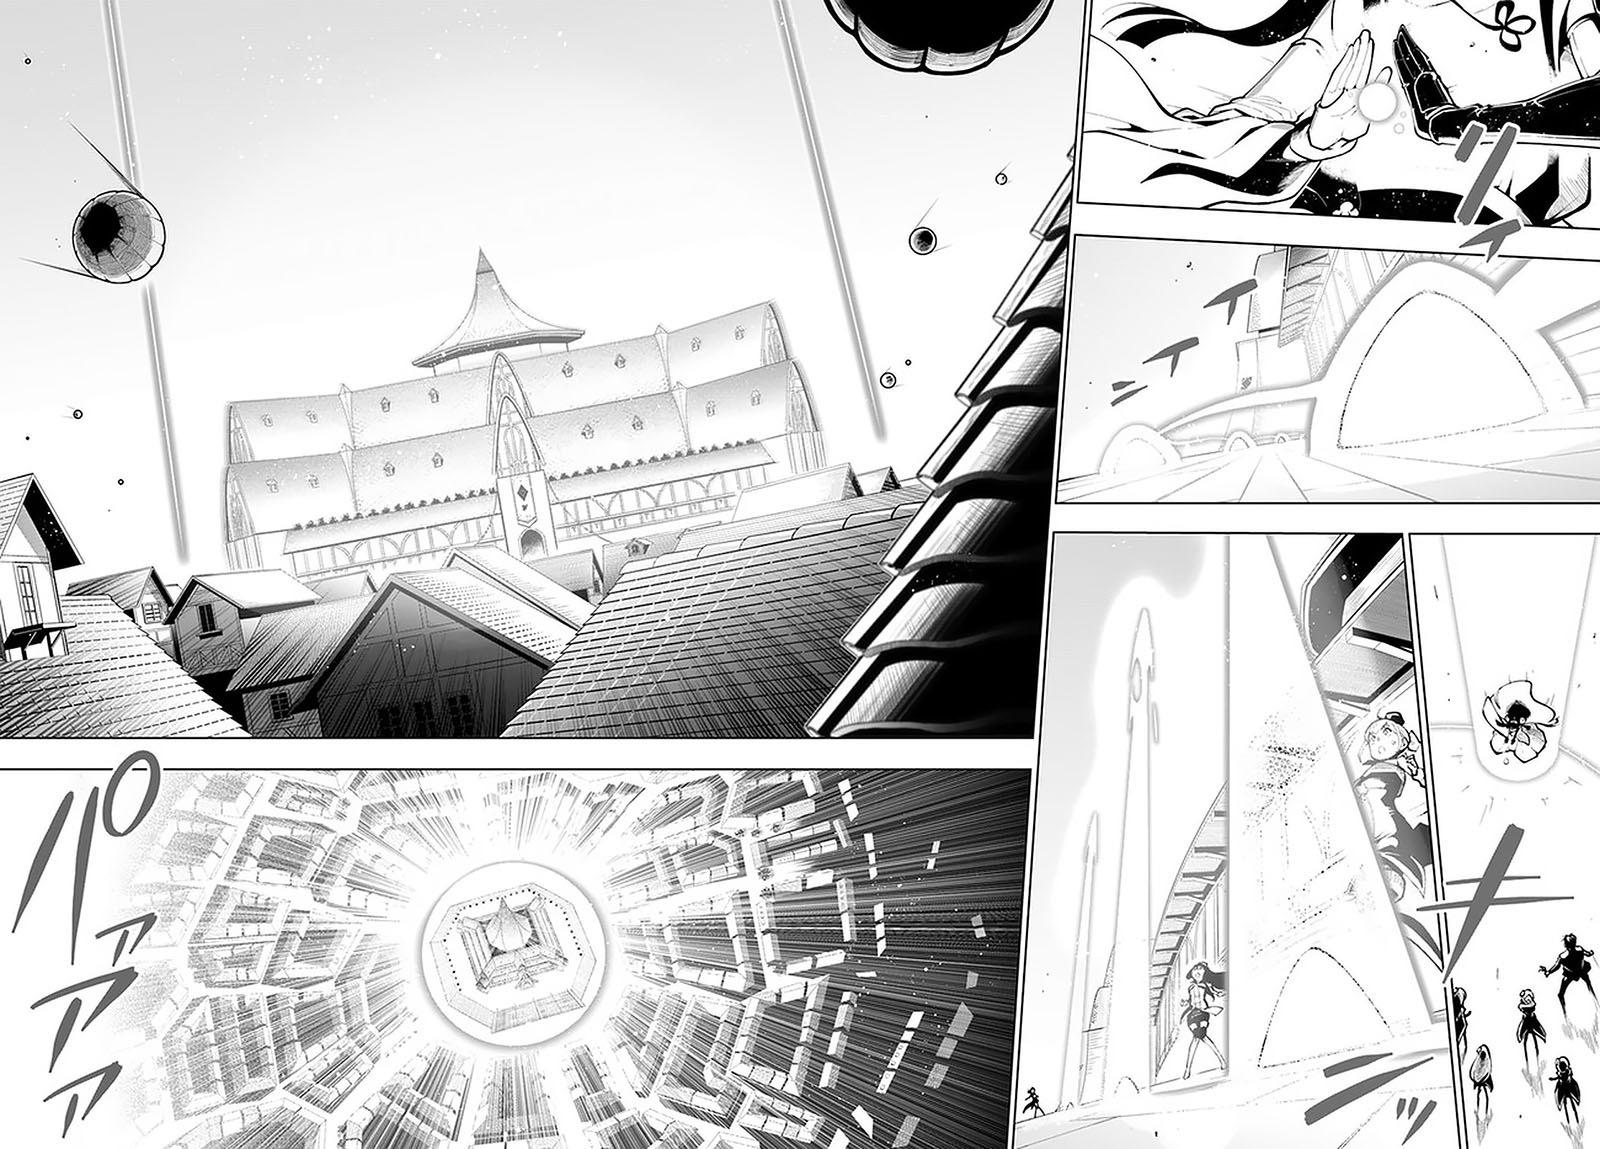 Sekai Saikyou no Kouei: Meikyuukoku no Shinjin Tansakusha: Chapter 19 - Page 21